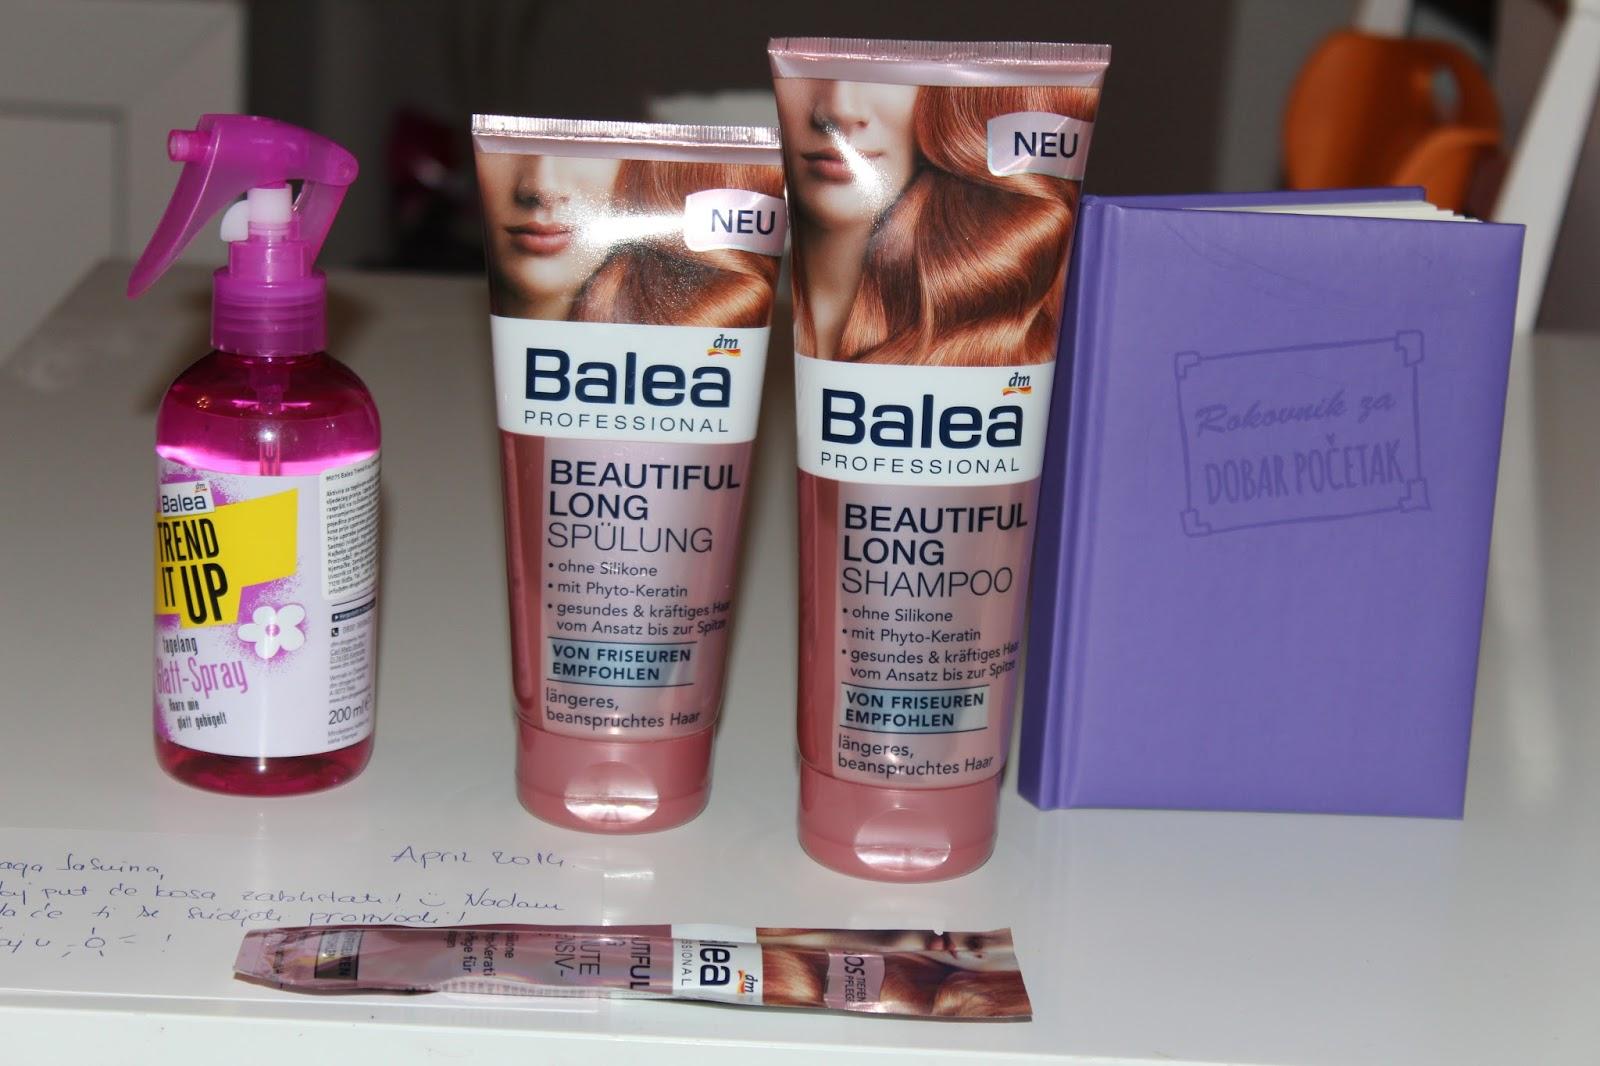 DM #5: Balea šampon, regenerator i kura za dugu i zahtjevnu kosu, Sprej za ravnanje kose